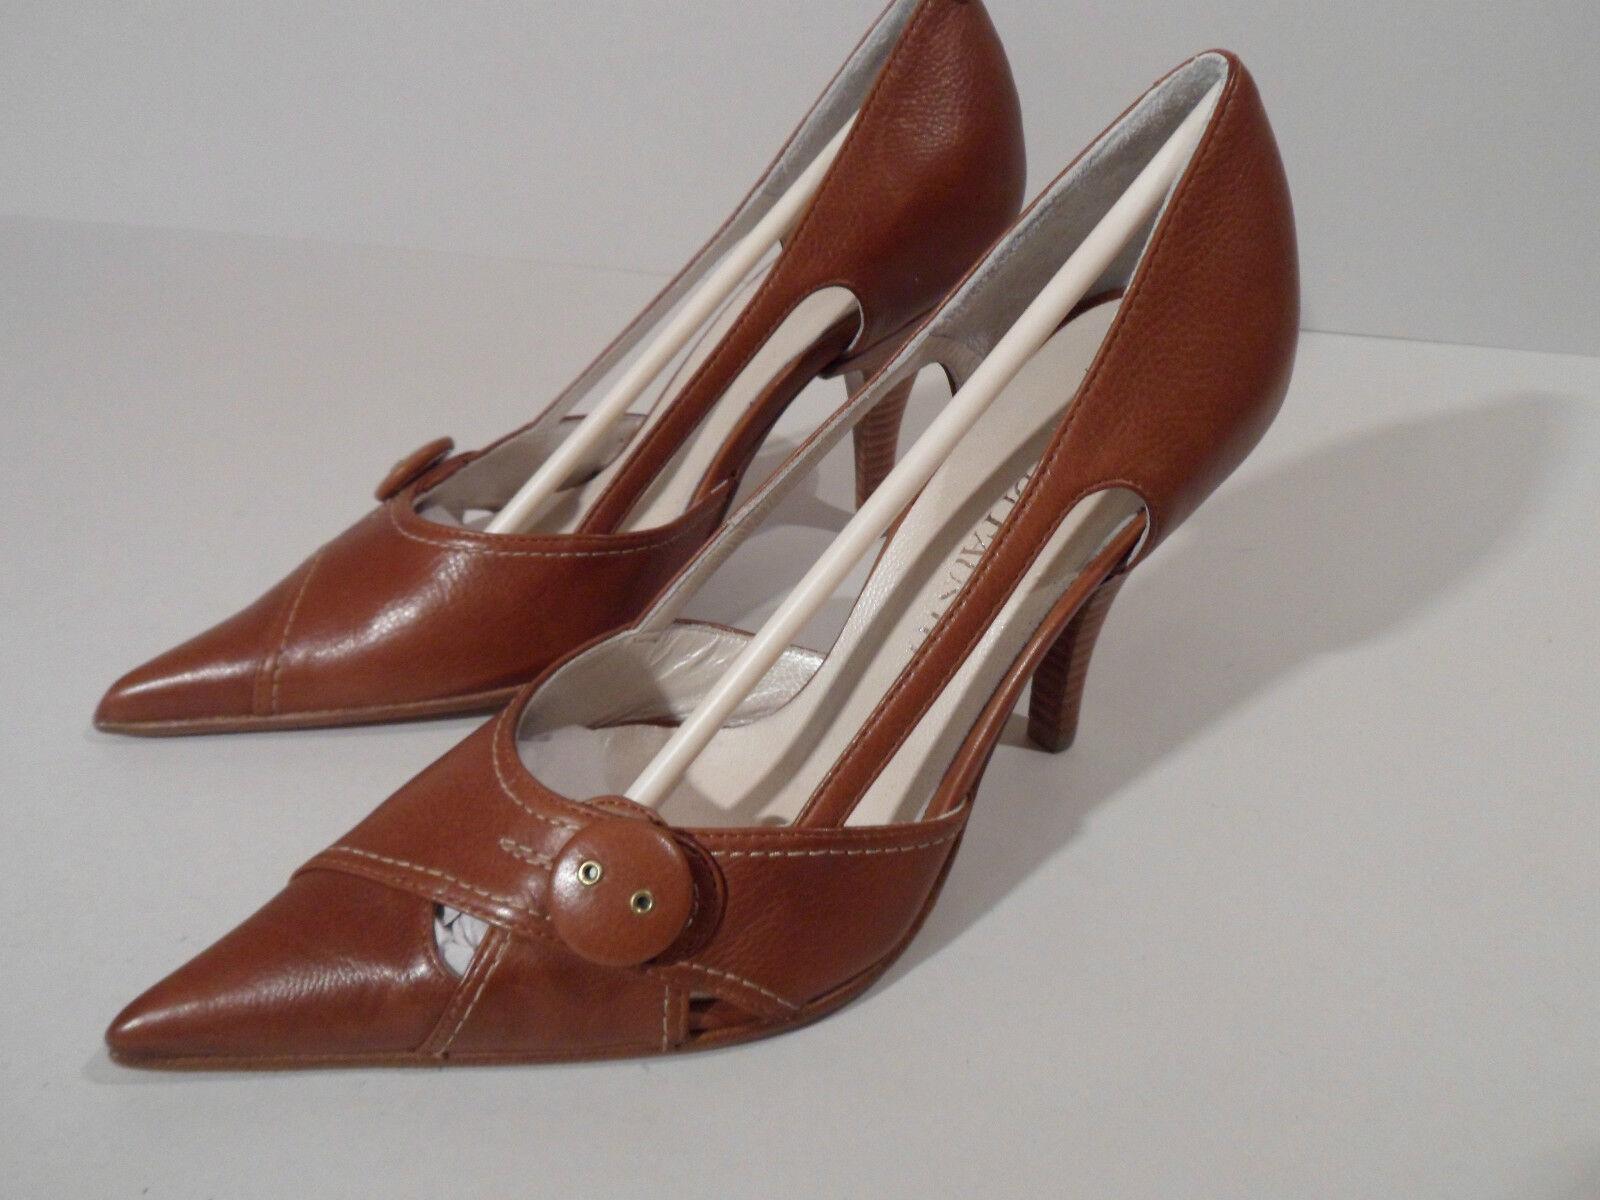 Moda Di Fausto Ladies Brown Calf Leather Sole Shoe Heel EU 32.5 UK 13.5 Italian